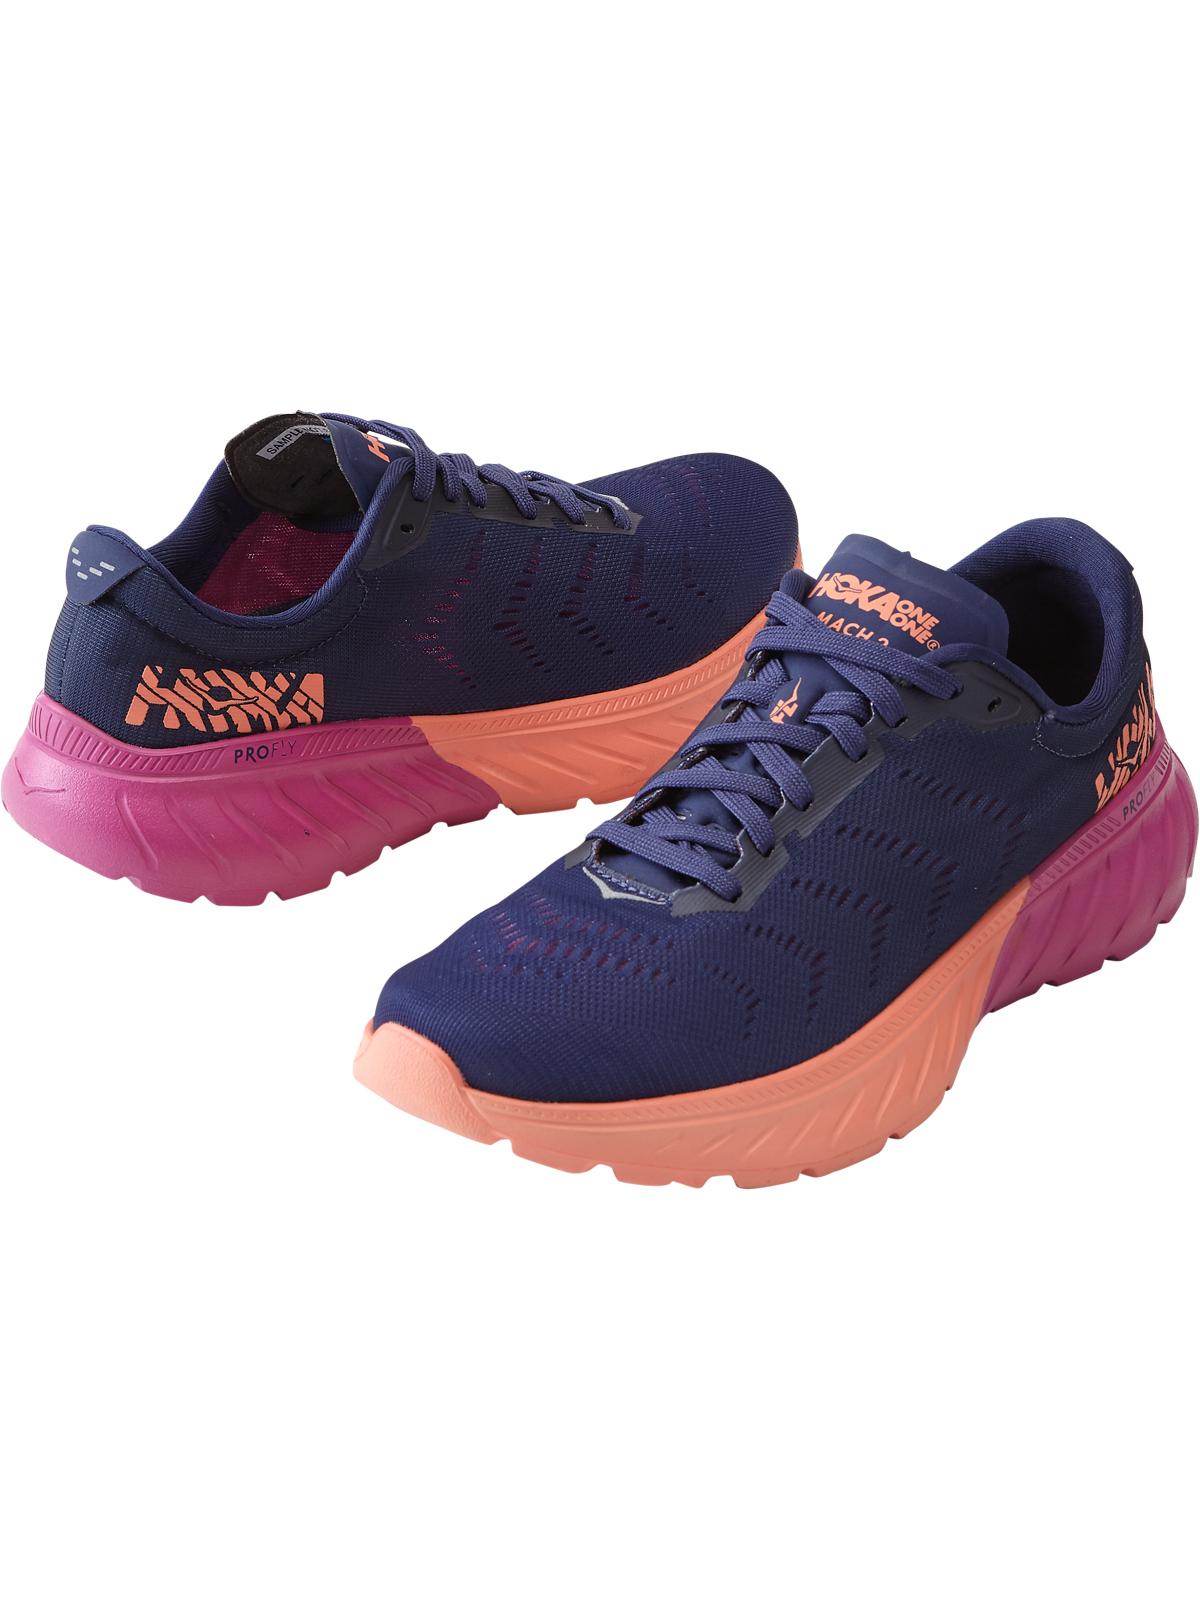 Roadrunner Shoe   Title Nine